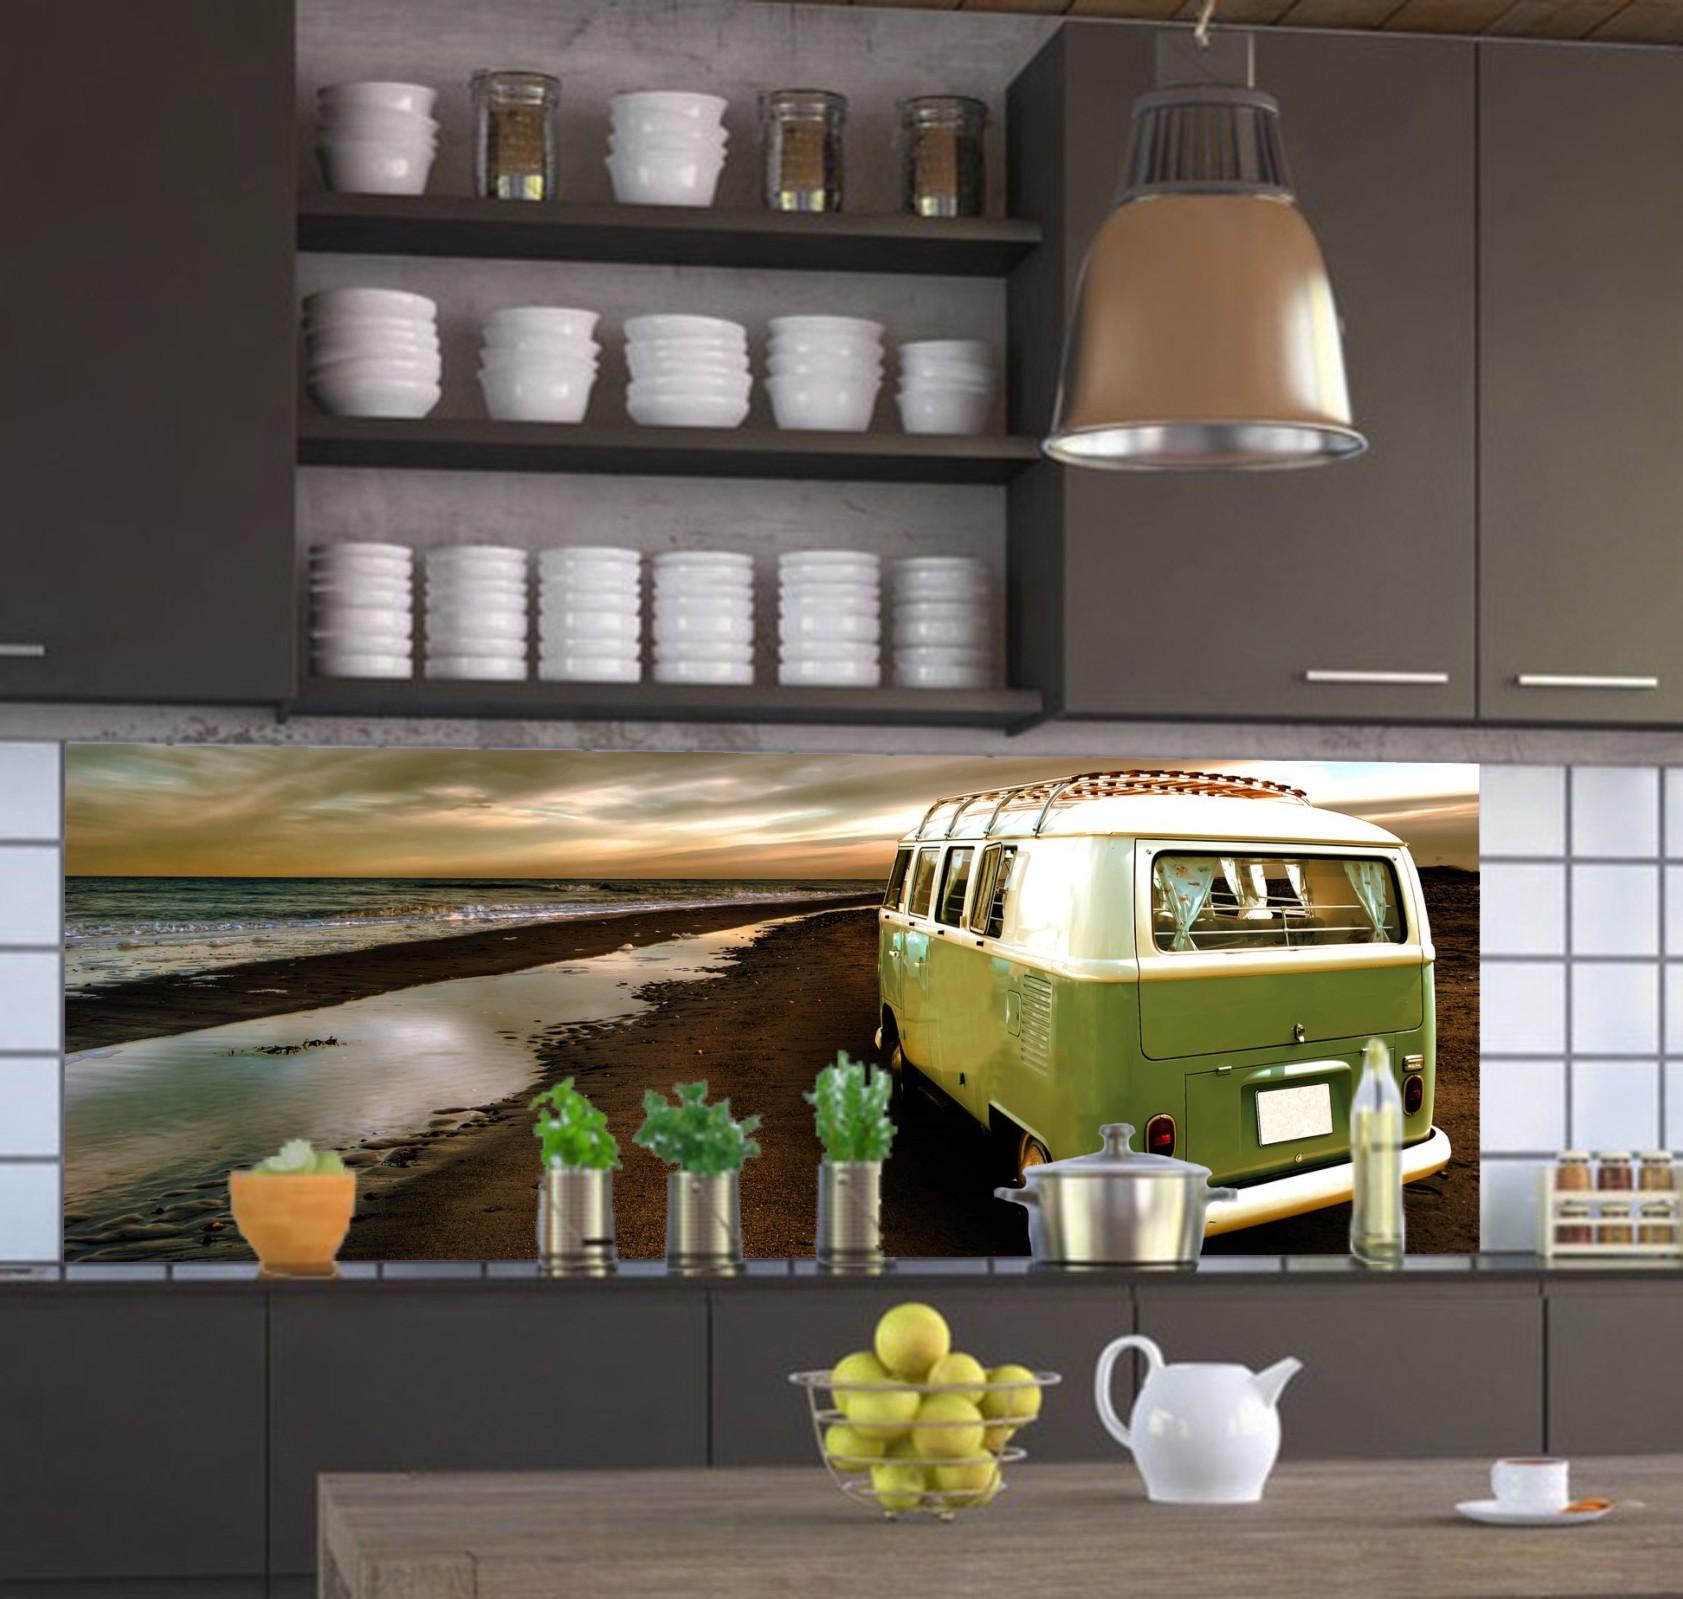 Kuchenruckwand jetzt im ruckwand shop kaufen for Acrylglas küche